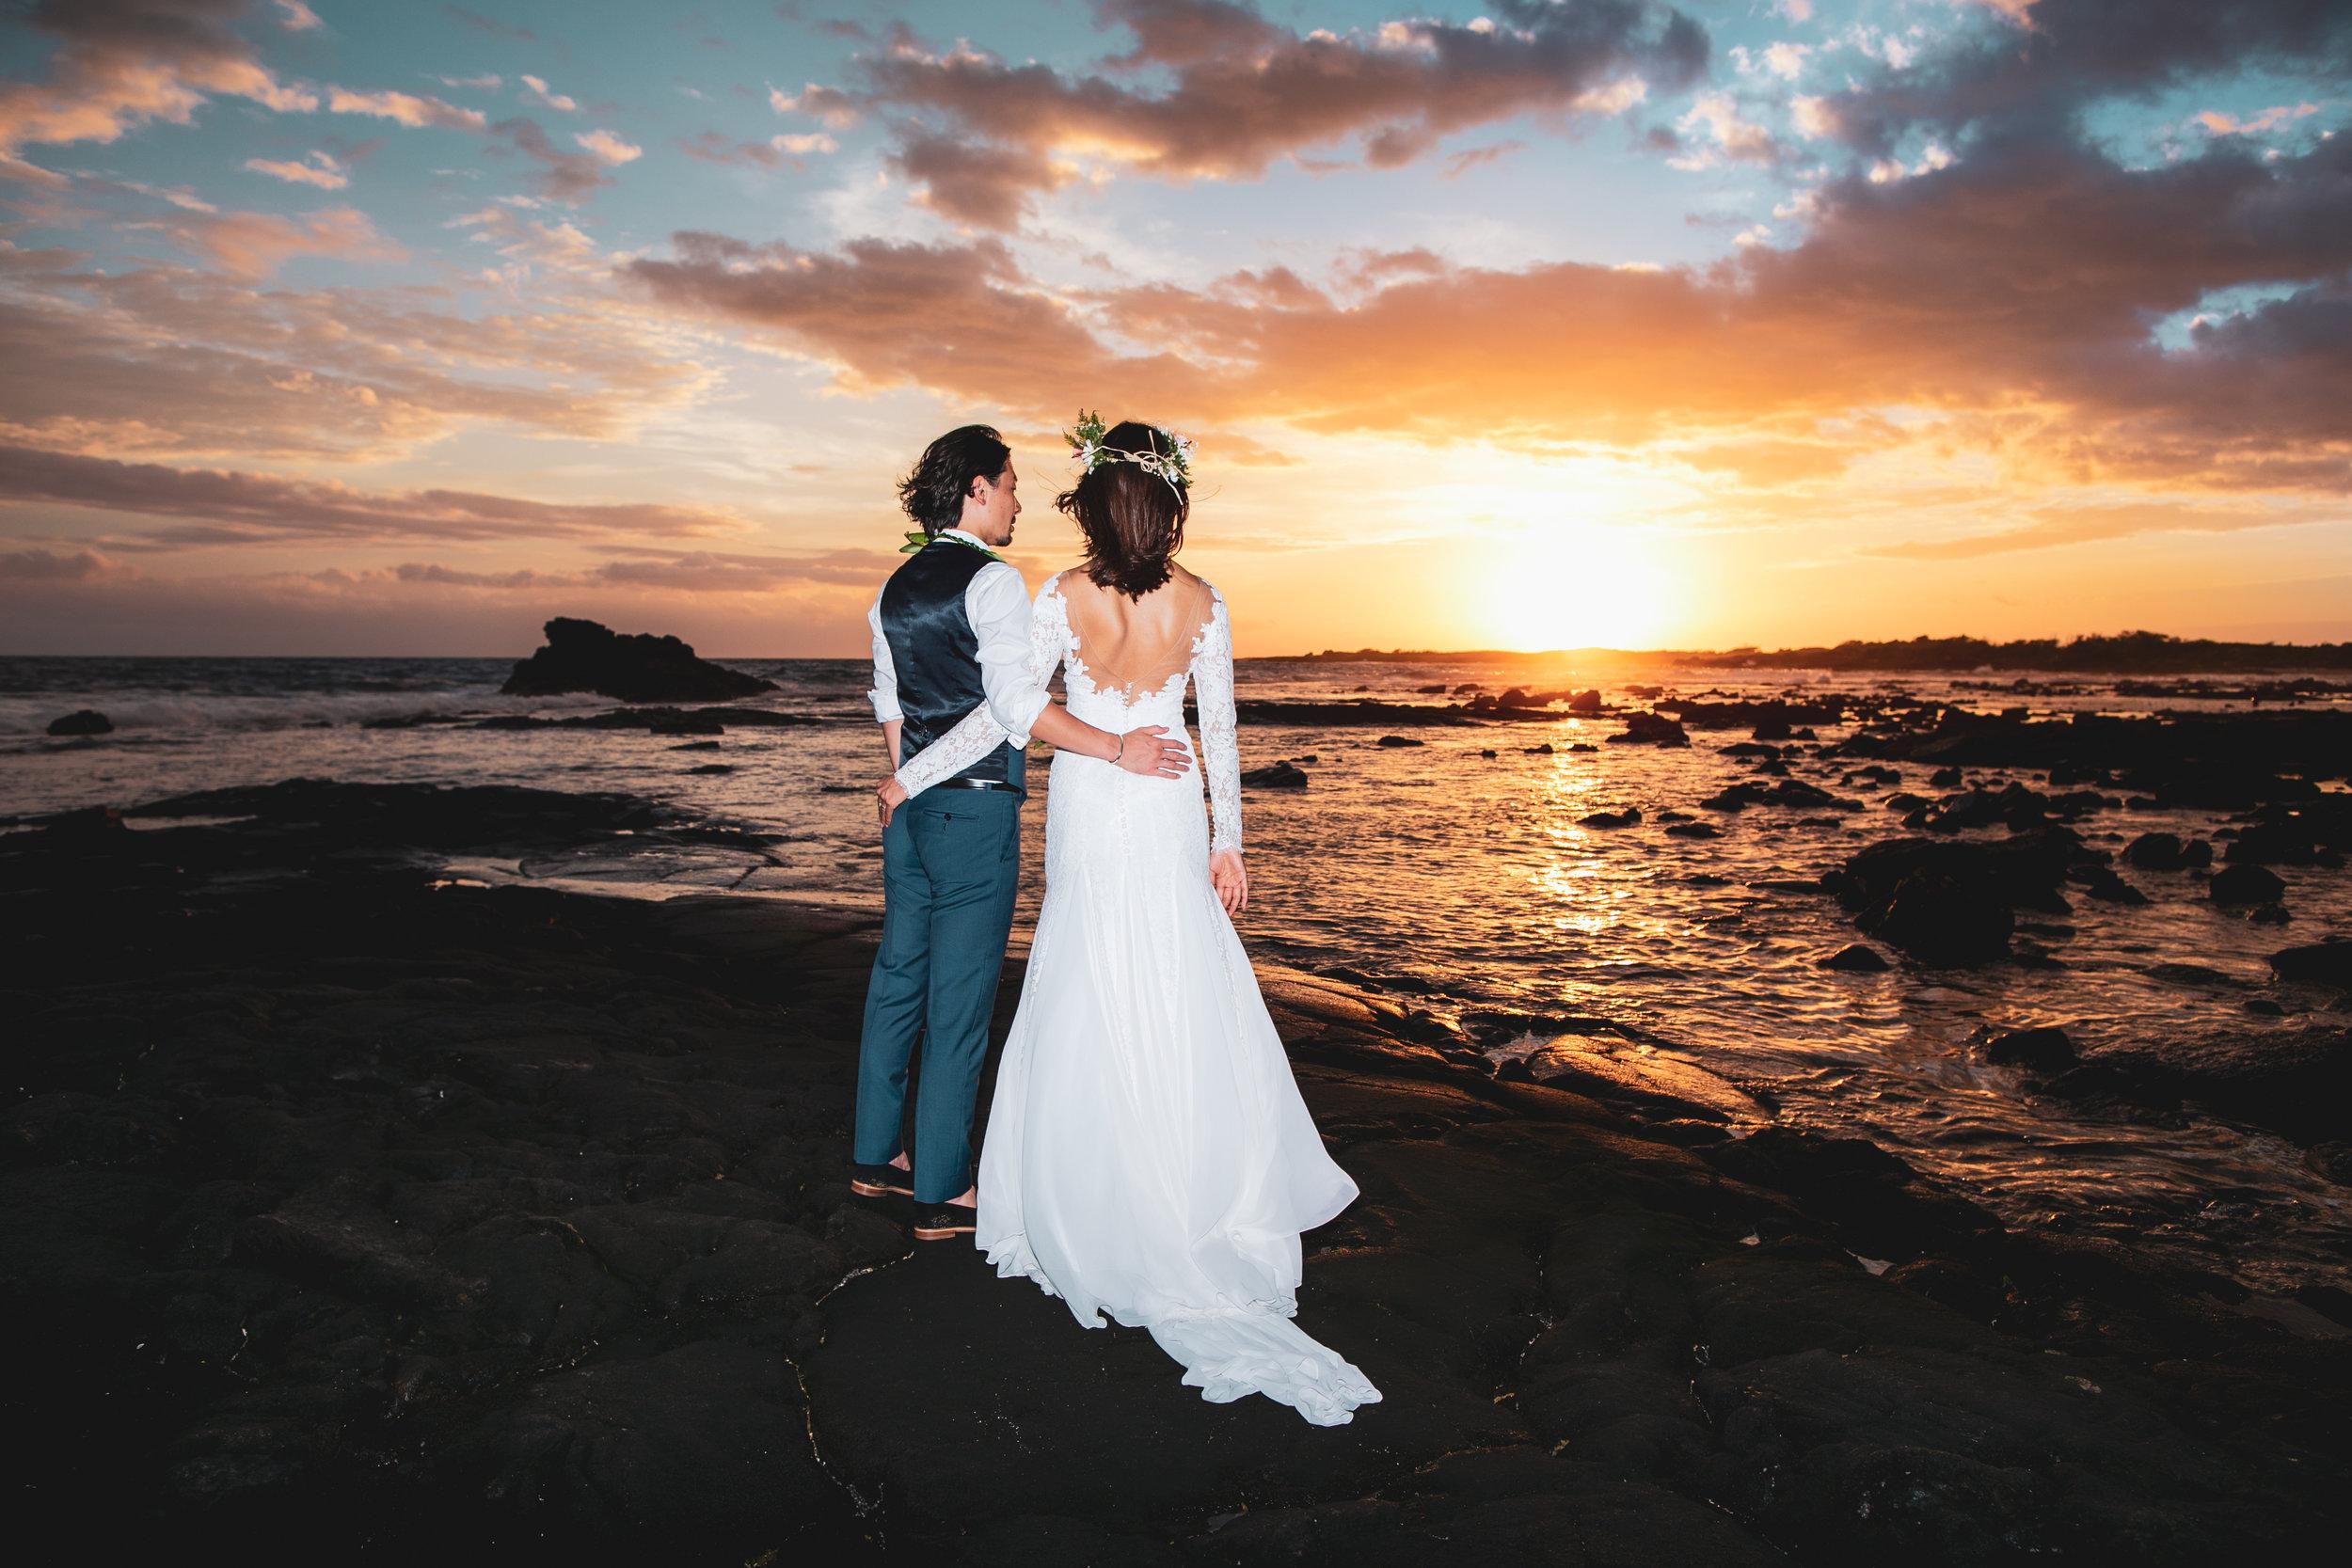 big island hawaii kelilina photography 20190711185912-1.jpg